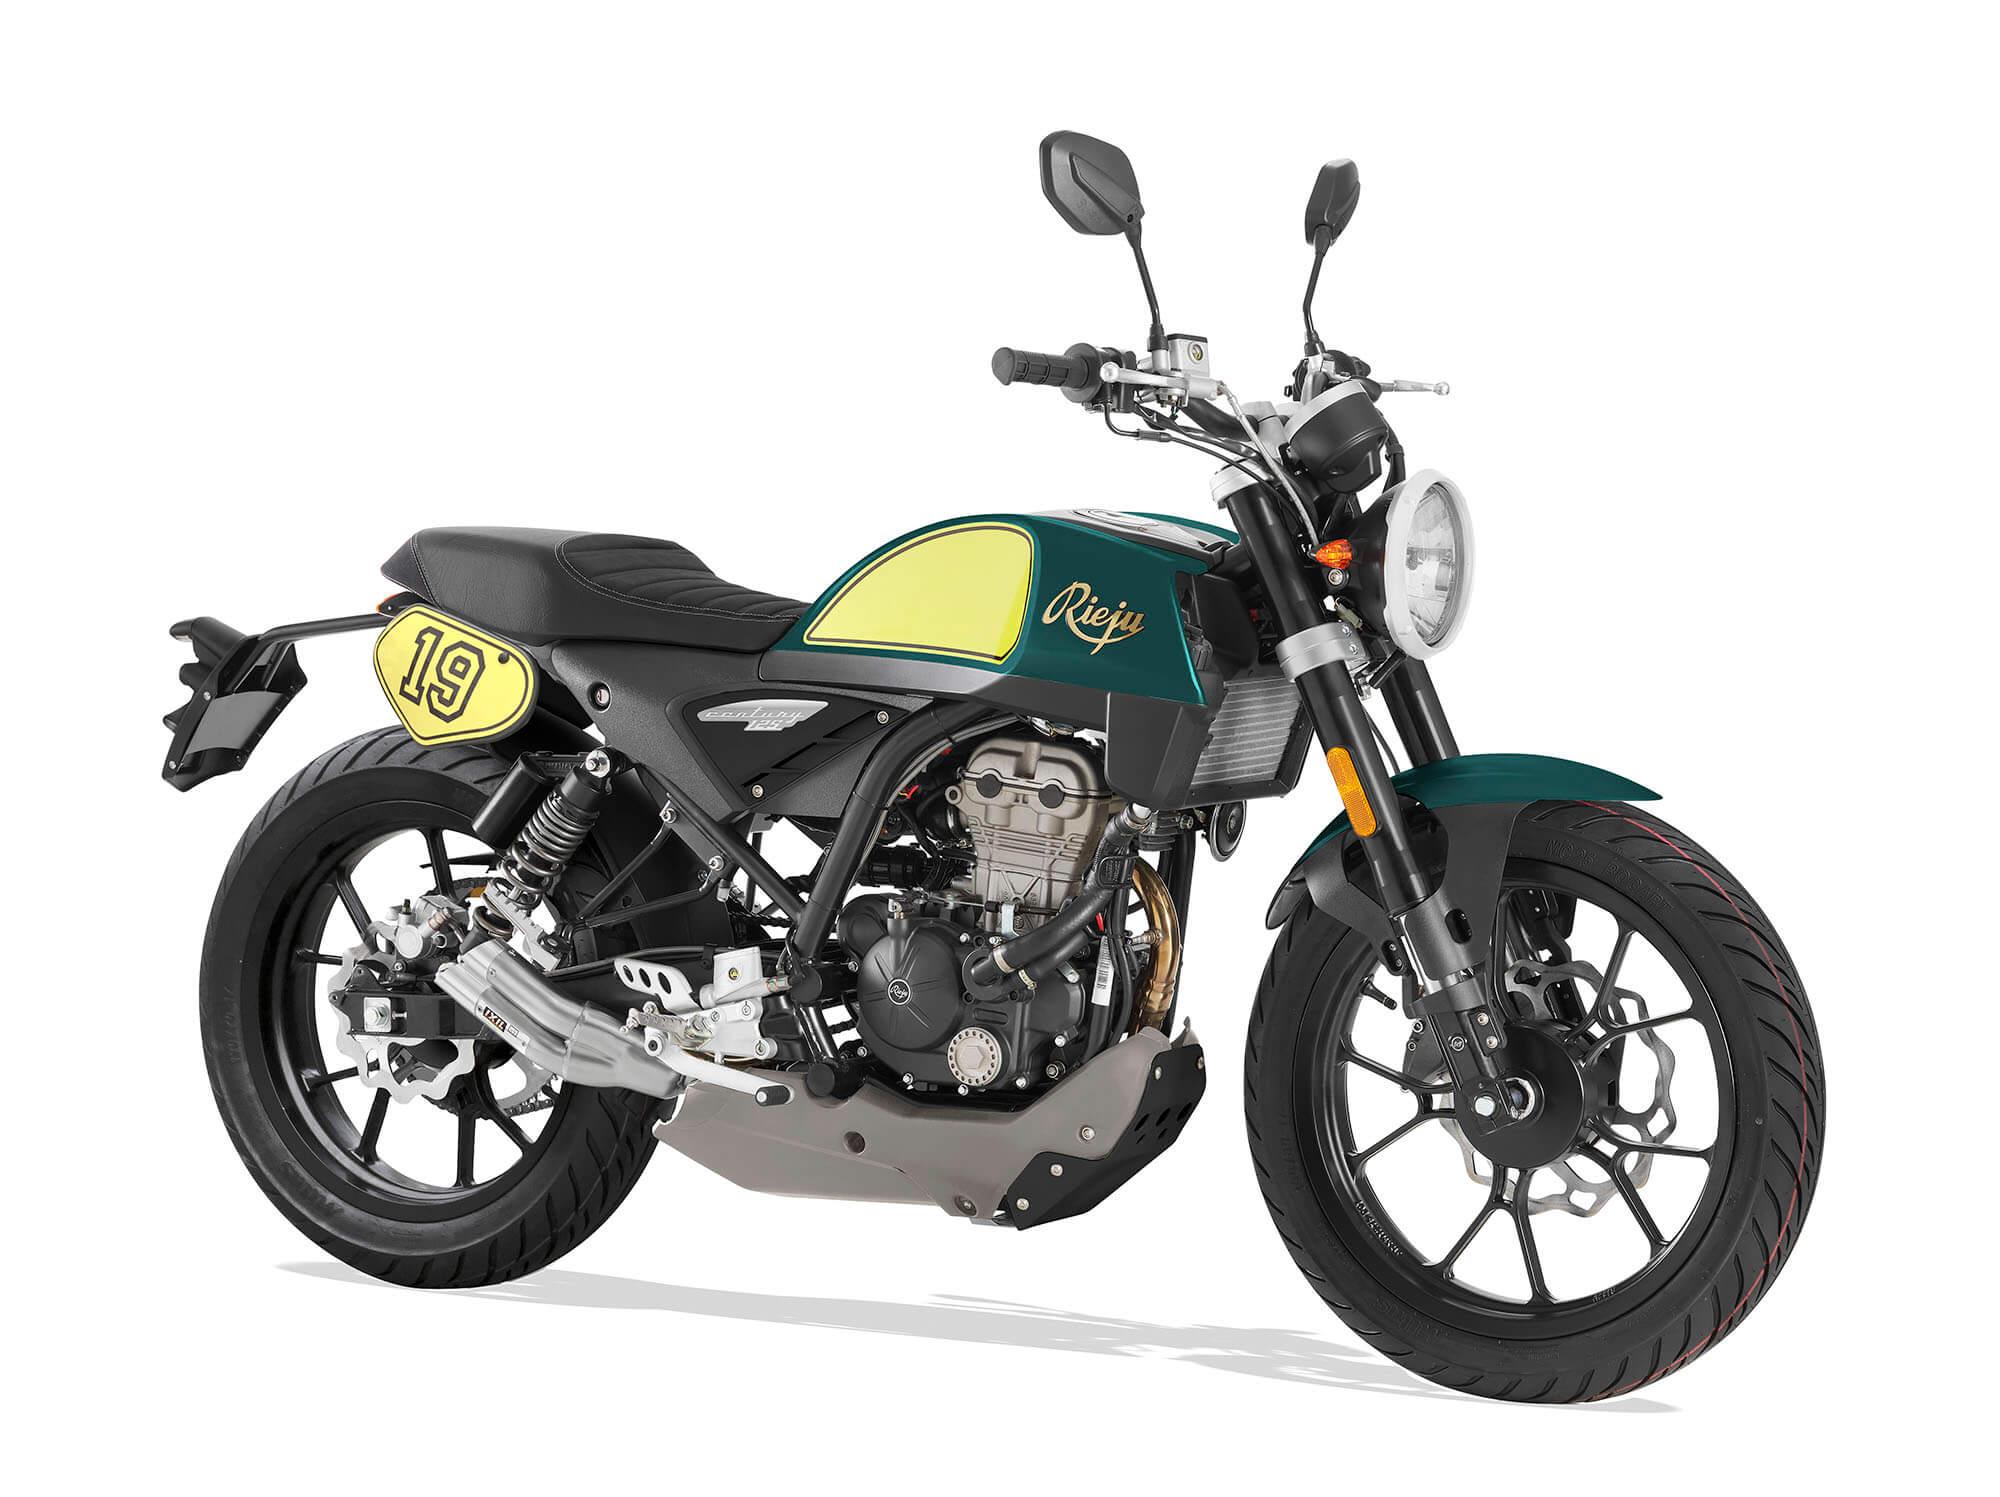 comprar-motos-rieju-century-125-verde-motissimo-barcelona